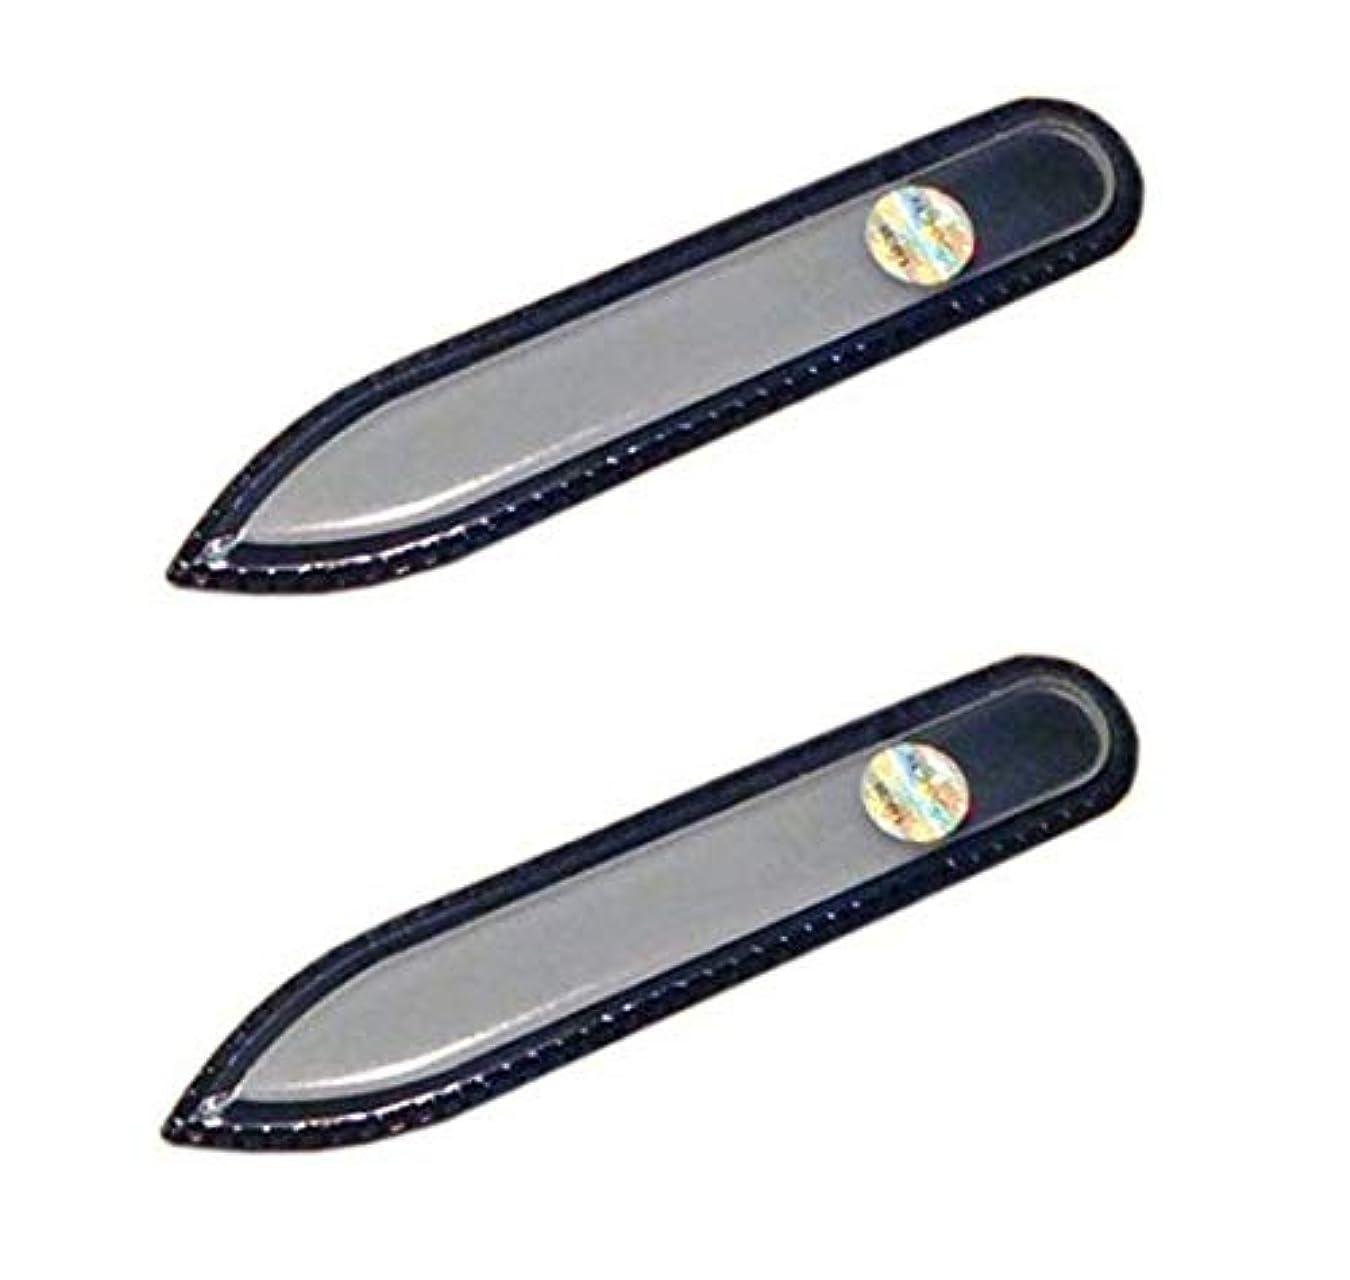 悪性のシャイ鮫ブラジェク ガラス爪やすり 90mm 両面タイプ (ブラジェク ガラス爪やすり 90mm 両面タイプ 2個セット)